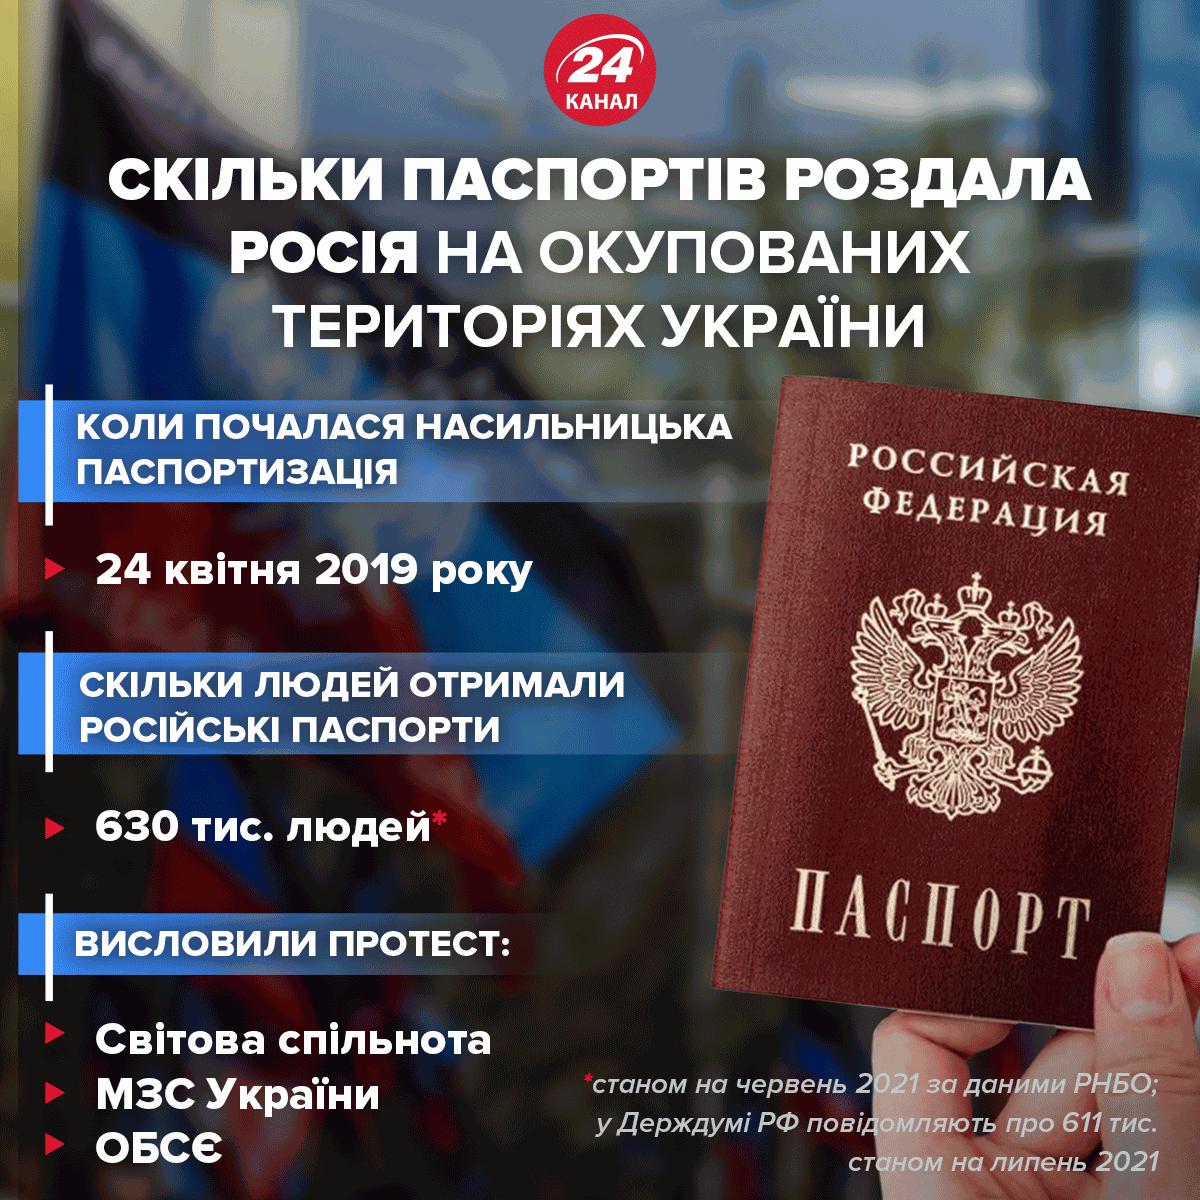 Кількість паспортів, що видала Росія жителям ОРДЛО / Інфографіка 24 каналу